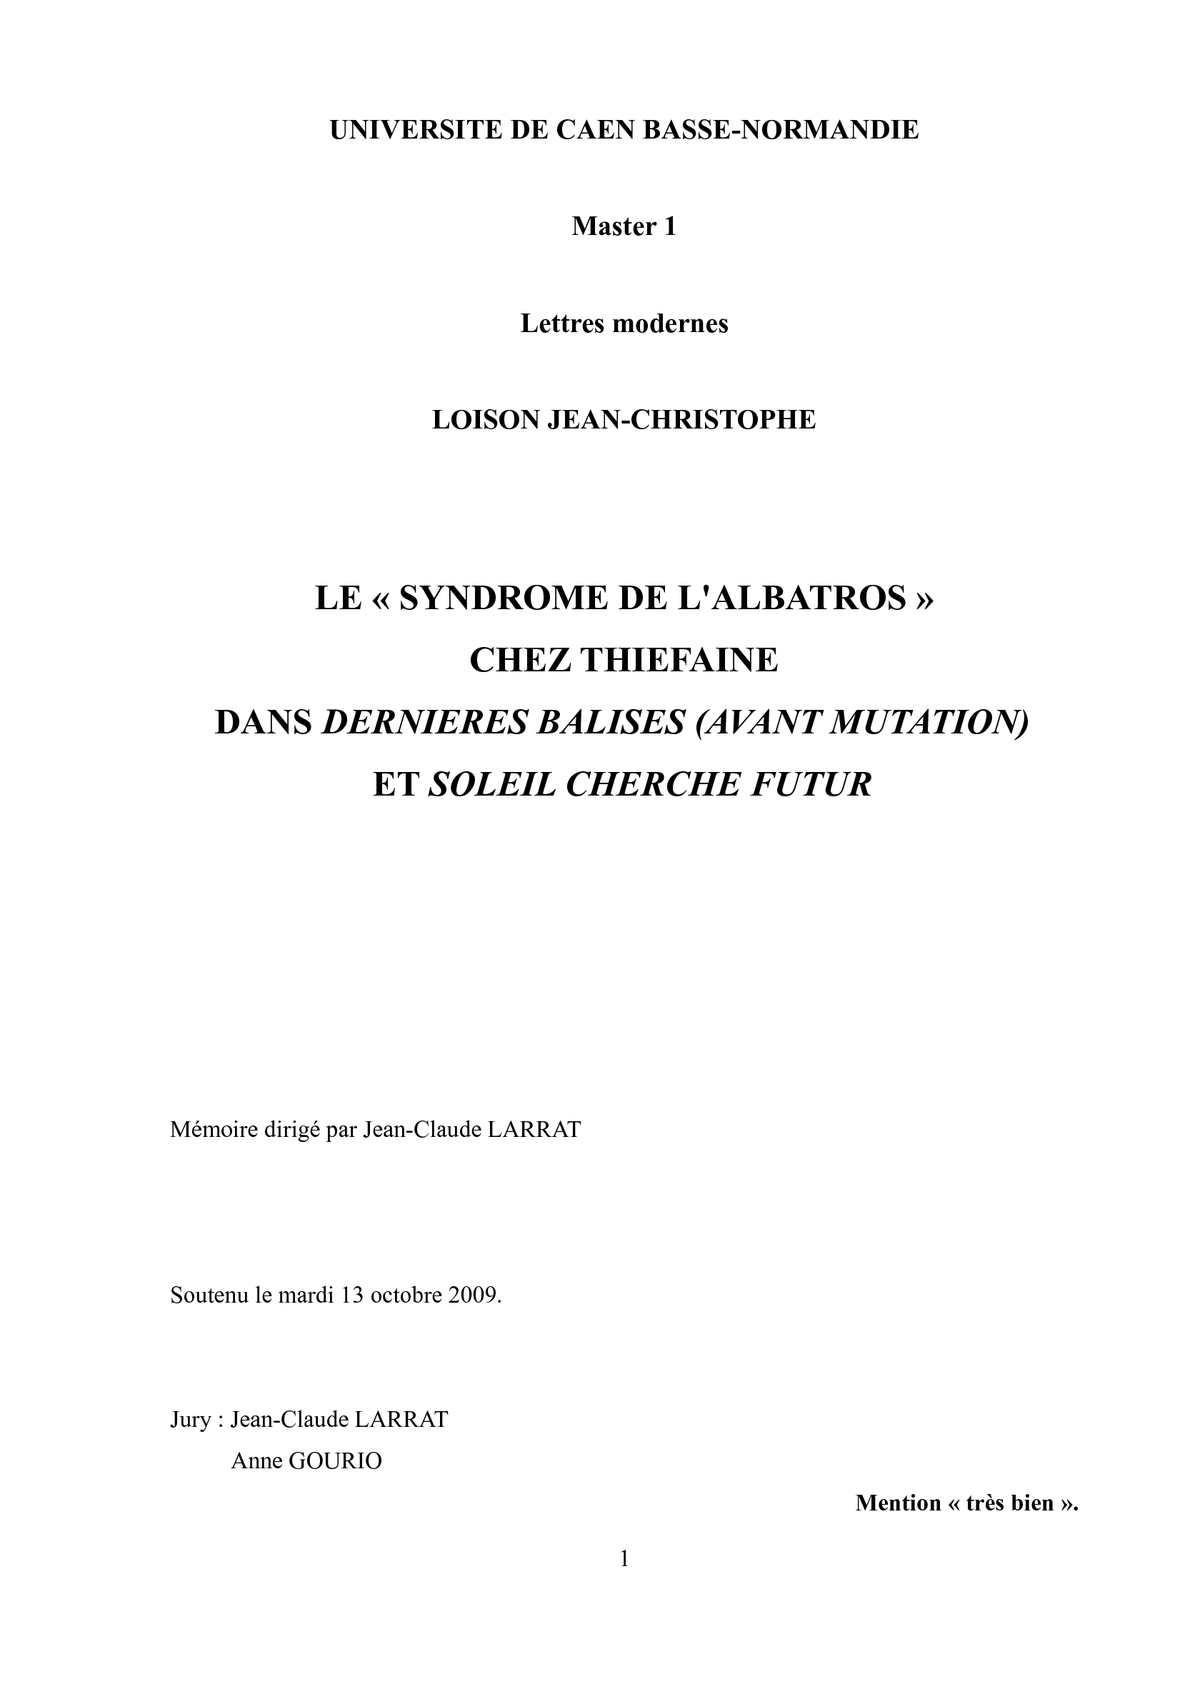 LE « SYNDROME DE L'ALBATROS » CHEZ THIEFAINE DANS DERNIERES BALISES (AVANT MUTATION) ET SOLEIL CHERCHE FUTUR